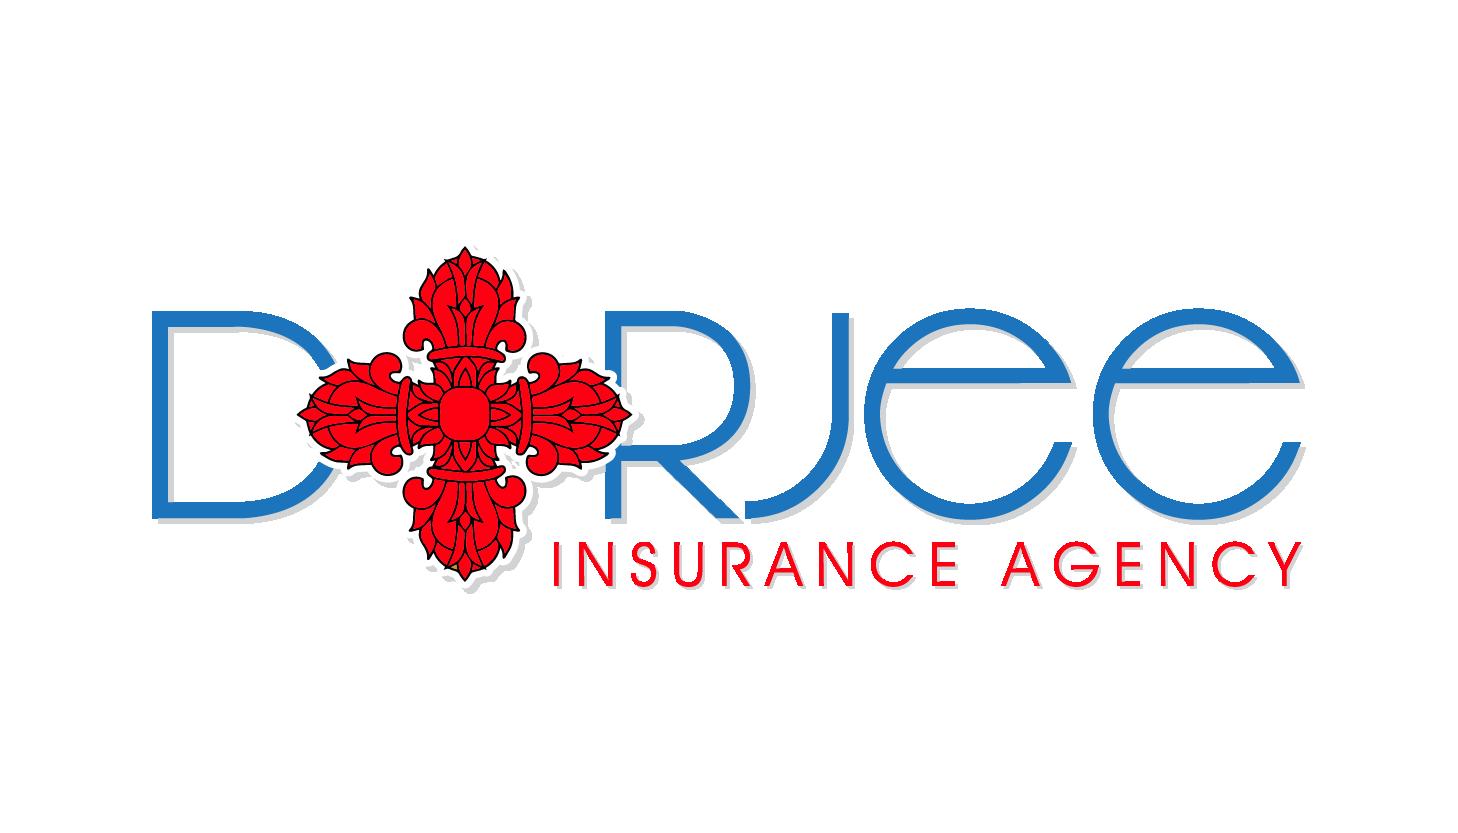 Dorjee Insurance Agency